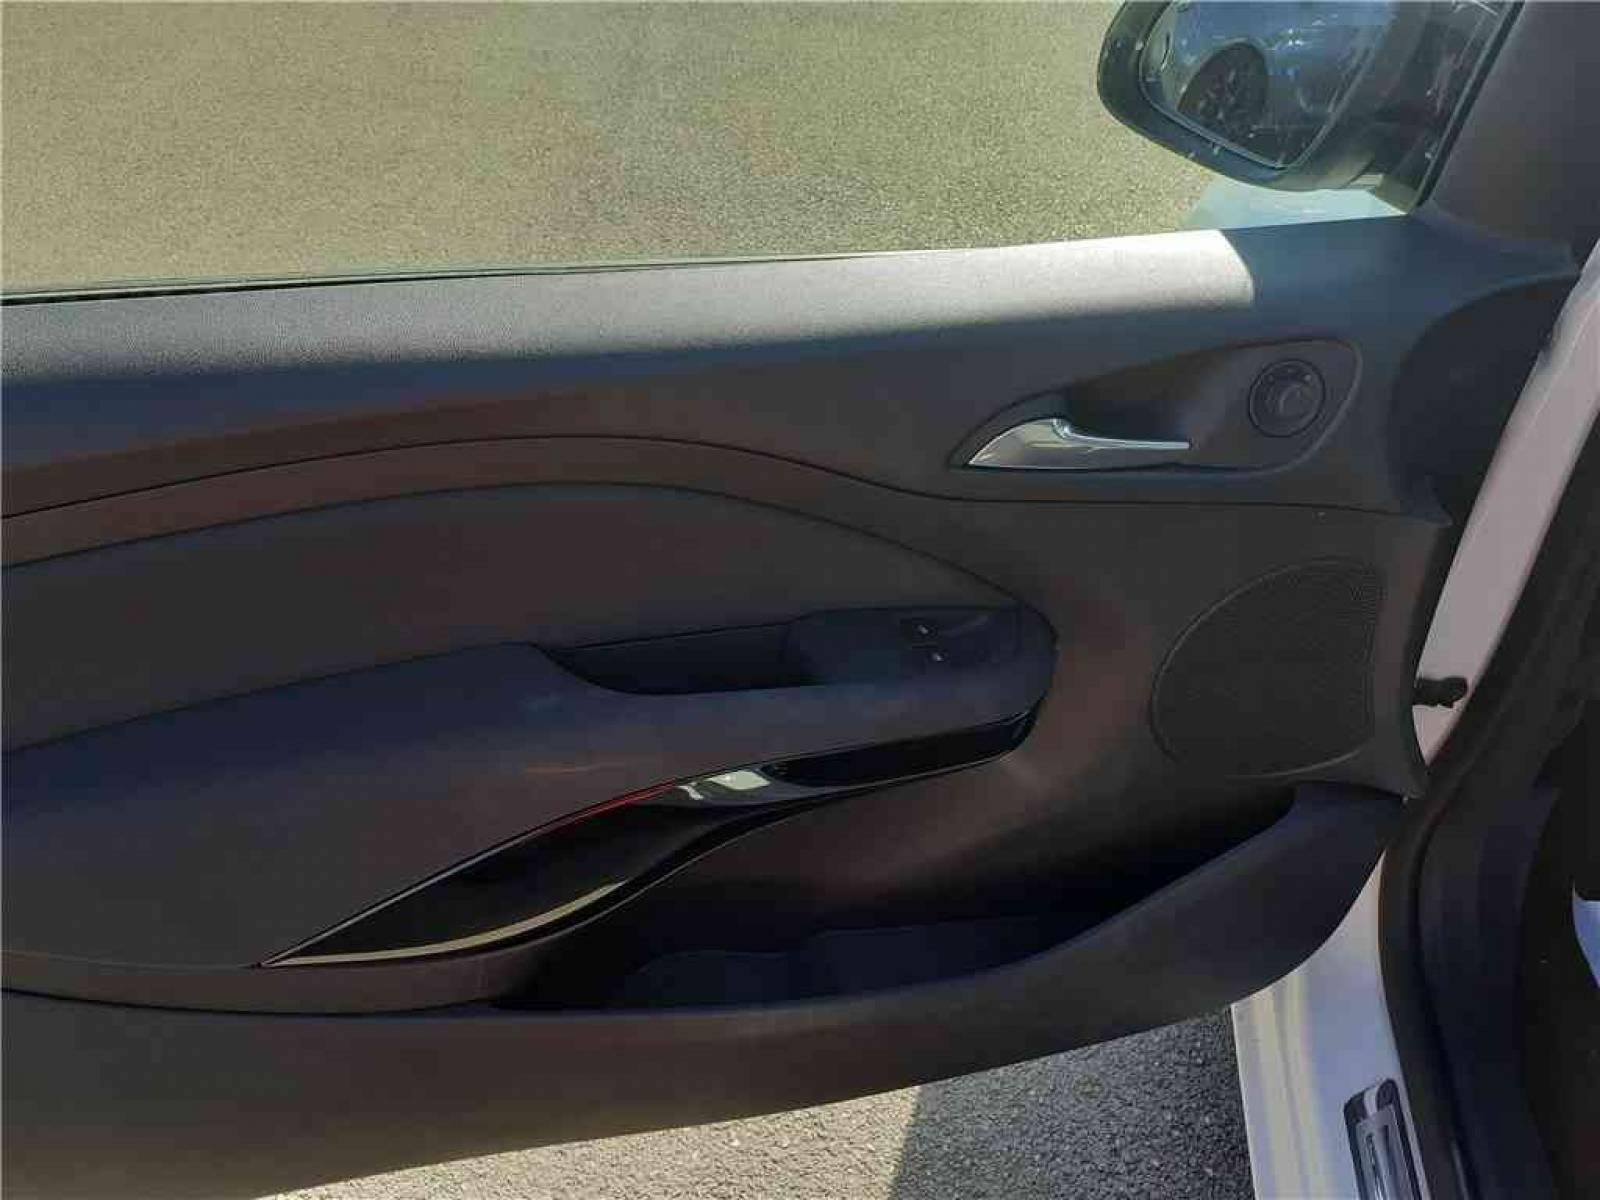 OPEL Adam 1.4 Twinport 87 ch S/S - véhicule d'occasion - Groupe Guillet - Opel Magicauto - Chalon-sur-Saône - 71380 - Saint-Marcel - 19